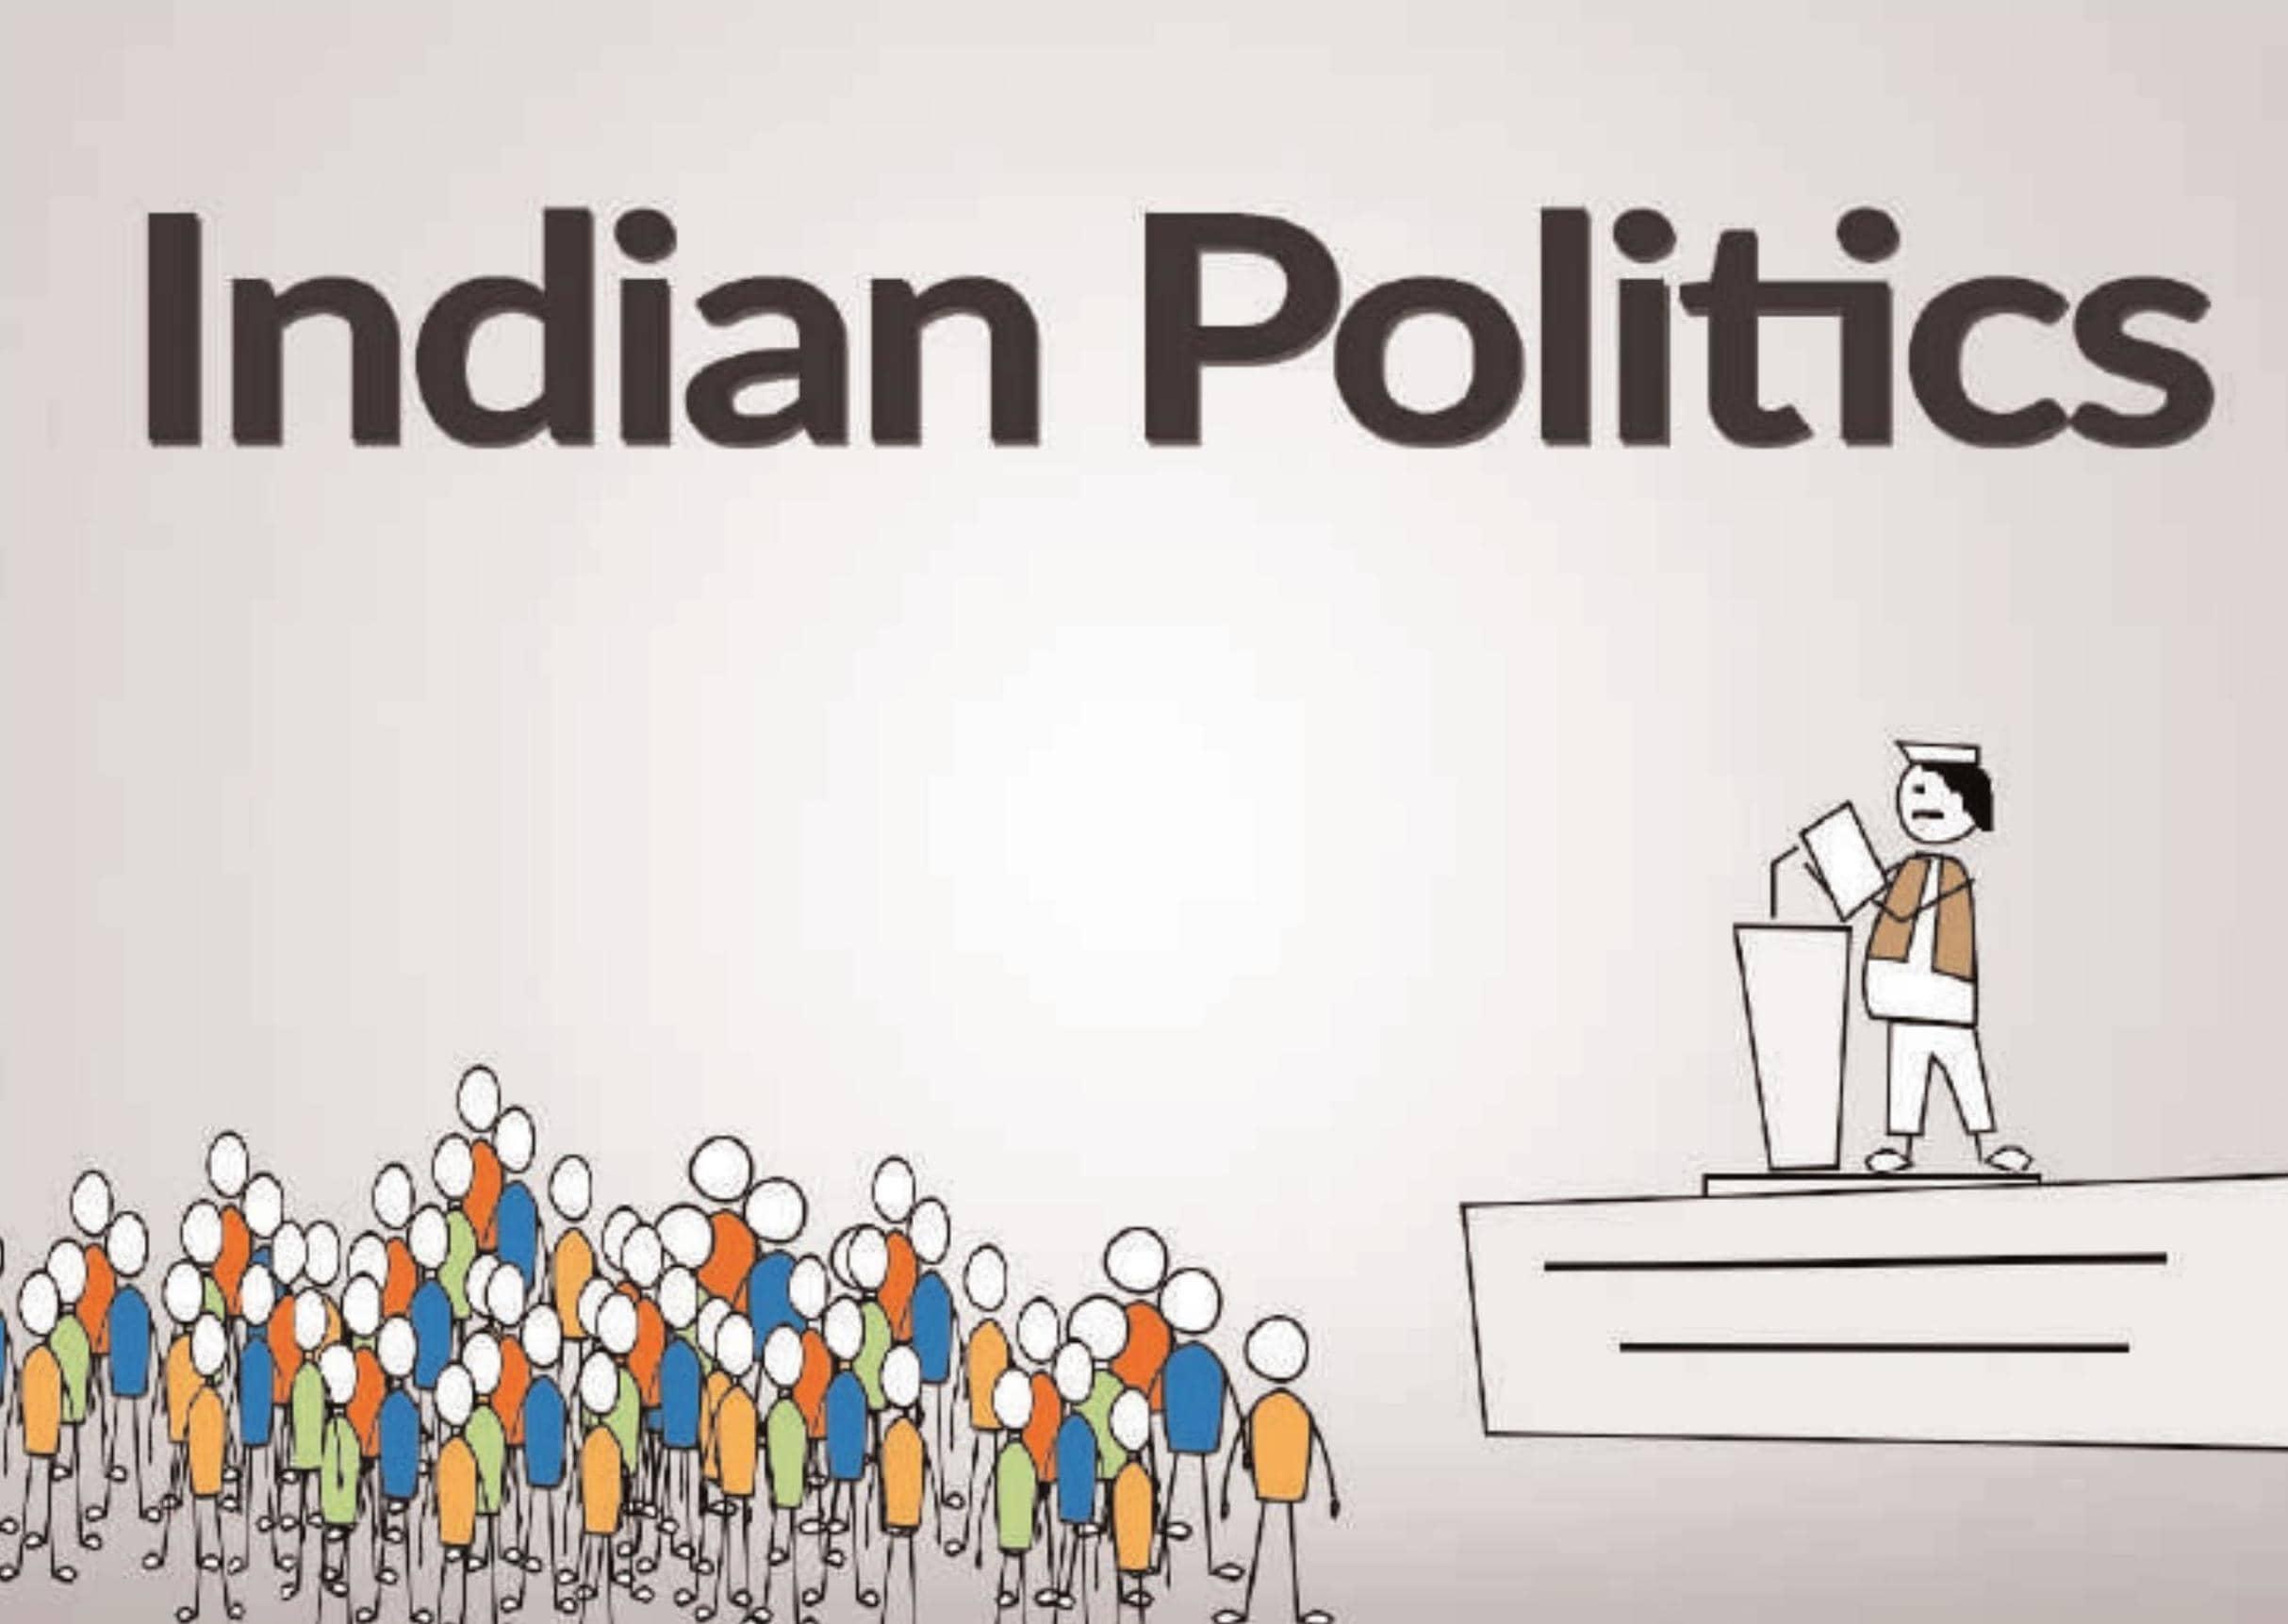 भारतीय राजनीति में 'सवालों' के 'जवाब' के 'उत्तर' में क्या सिर्फ 'सवाल' ही रह गए हैं?